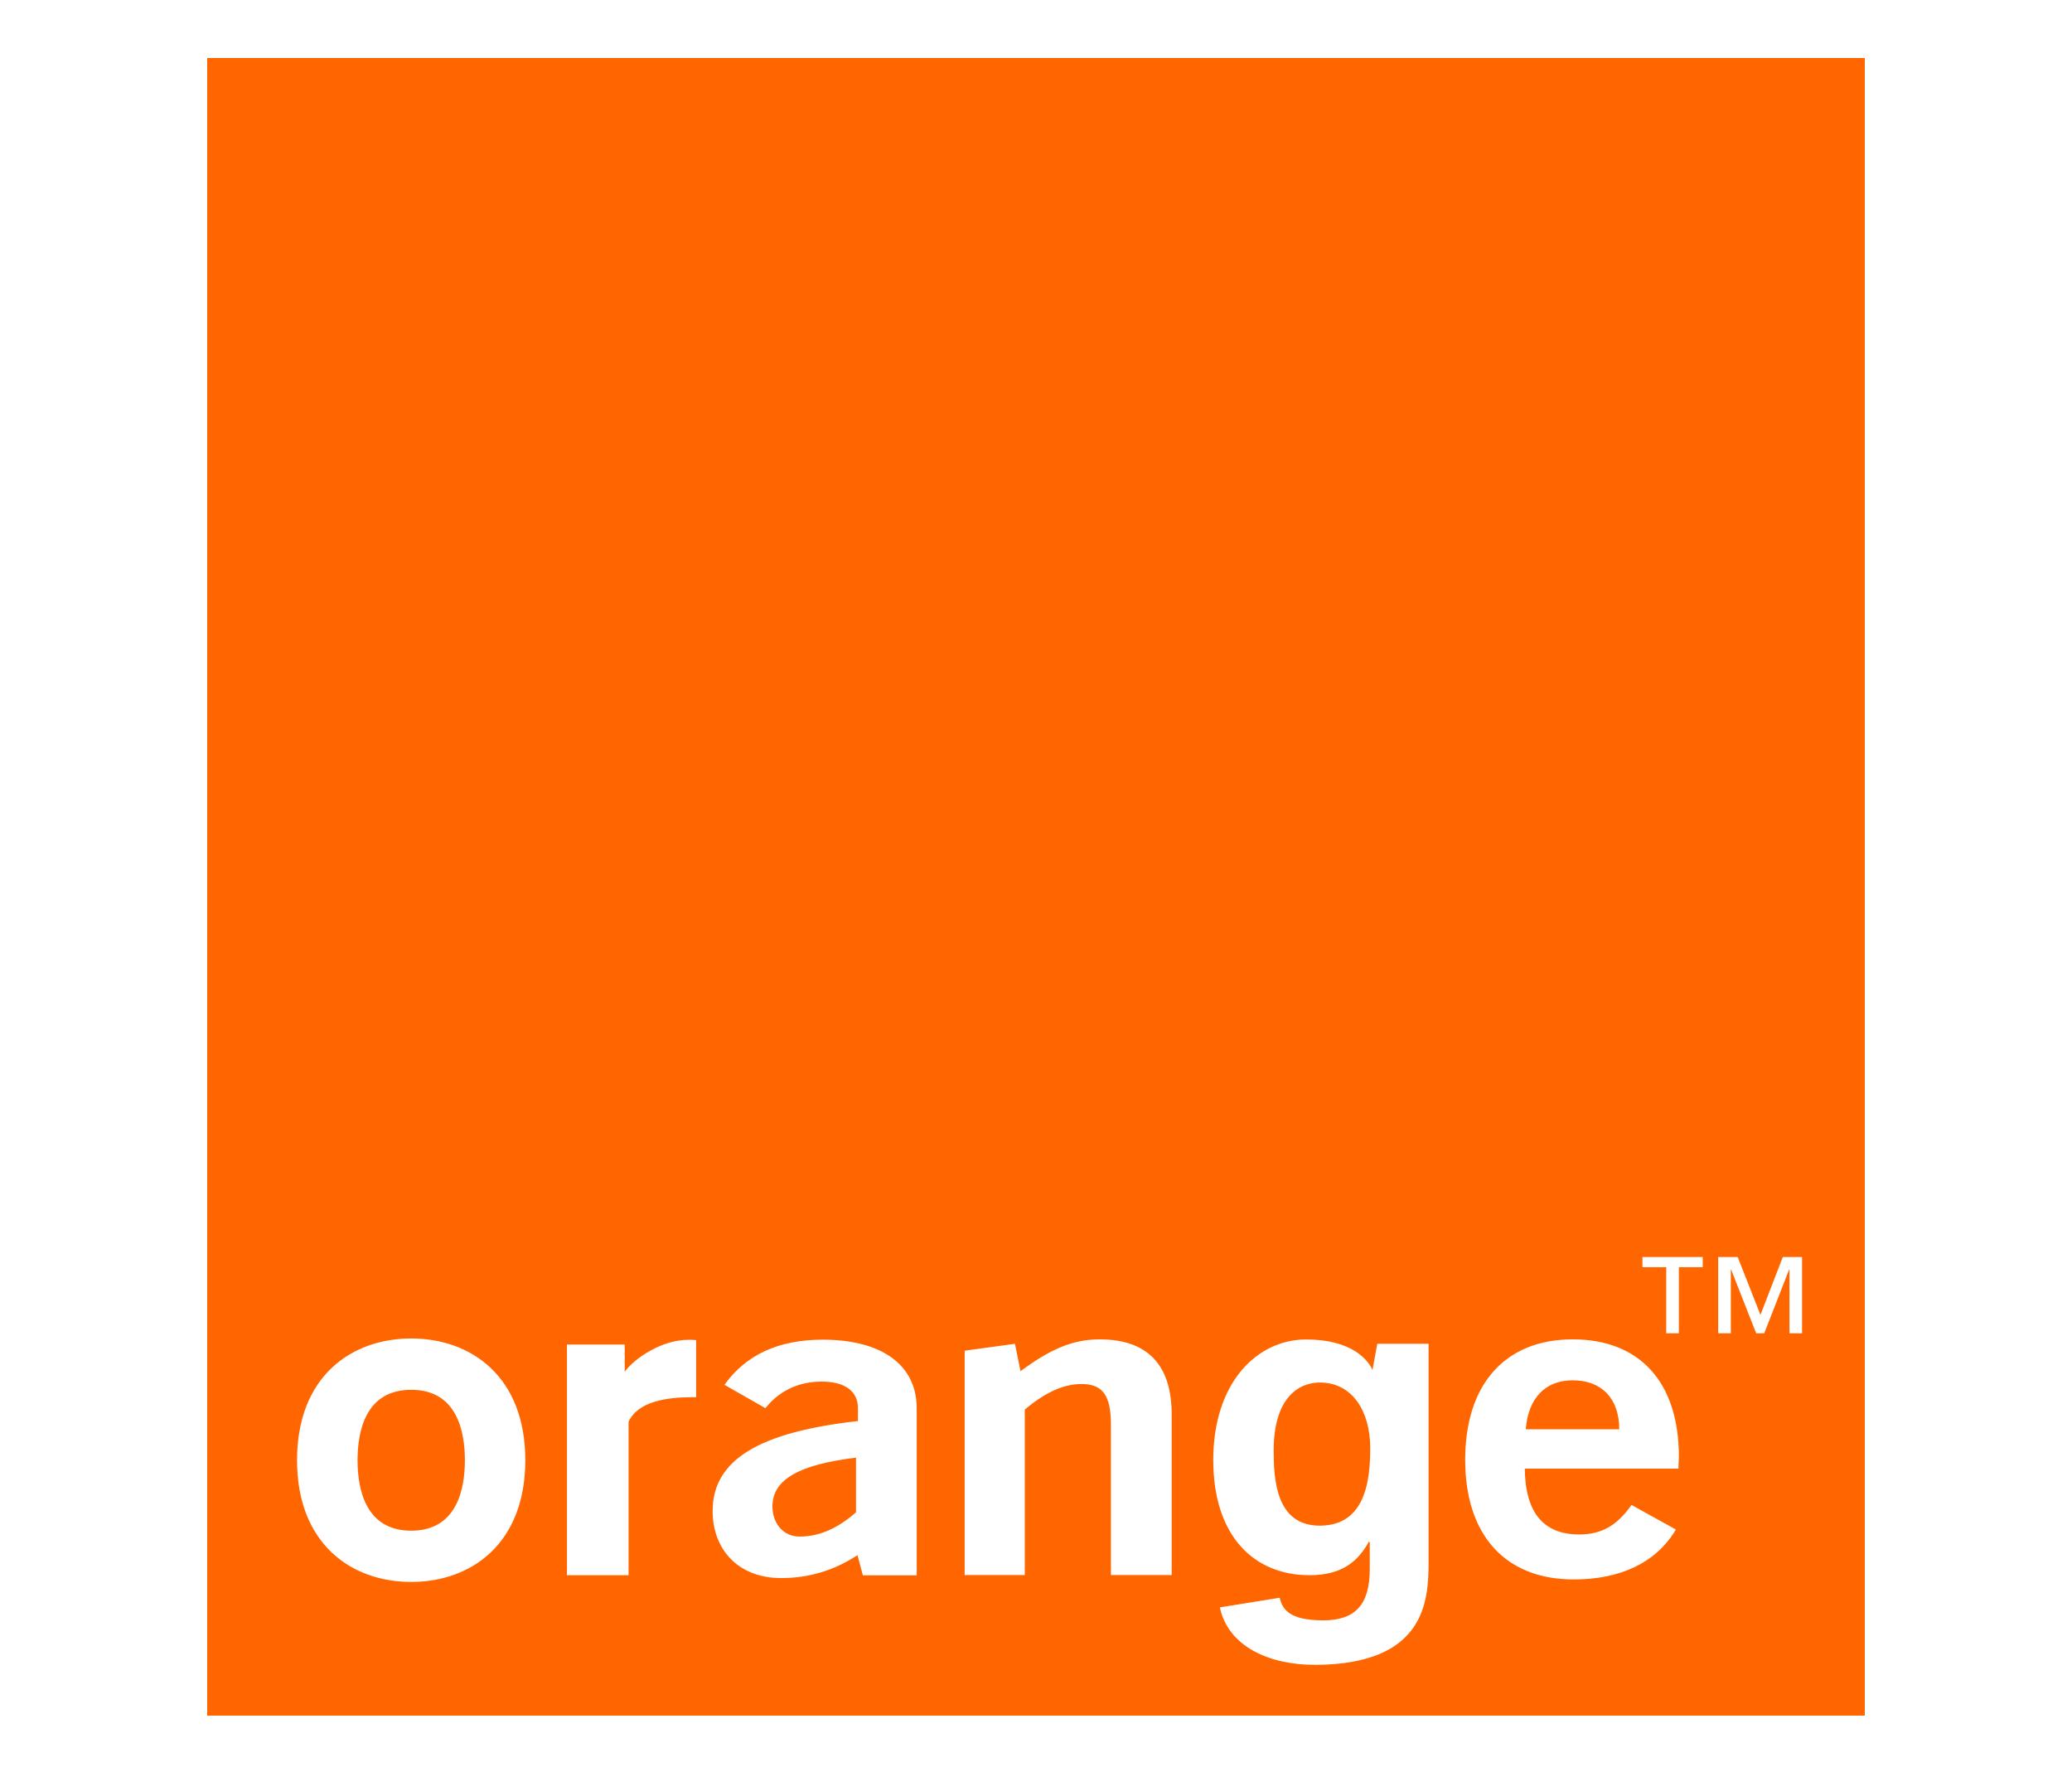 Logo emea orange